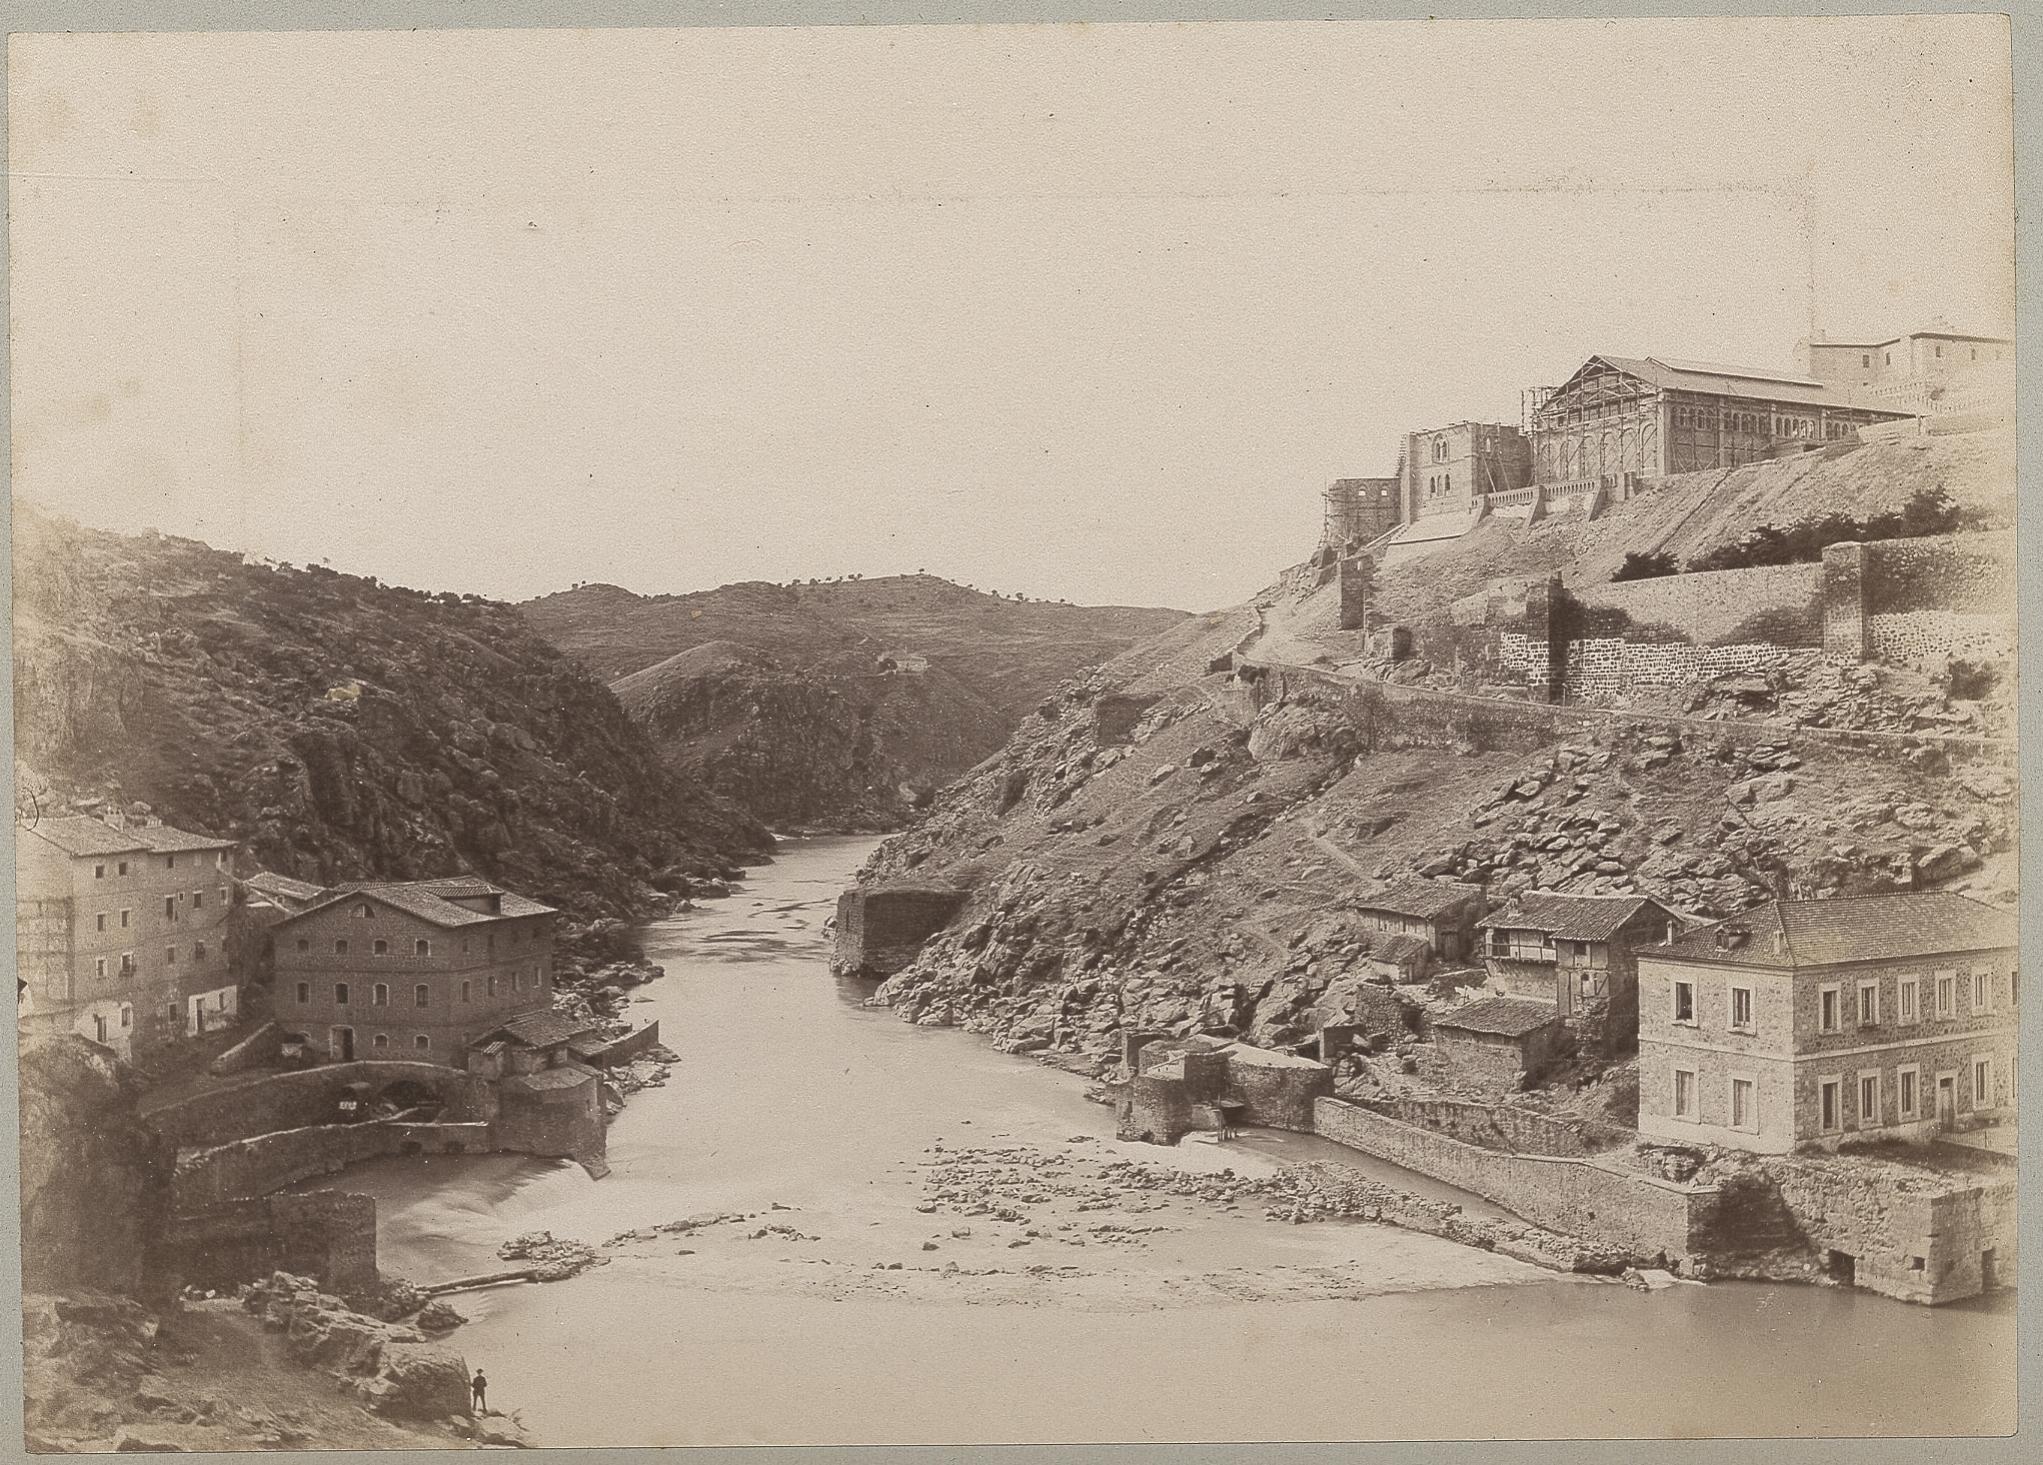 Río Tajo y Turbinas de Vargas en 1886 © Archives départementales de l'Aude